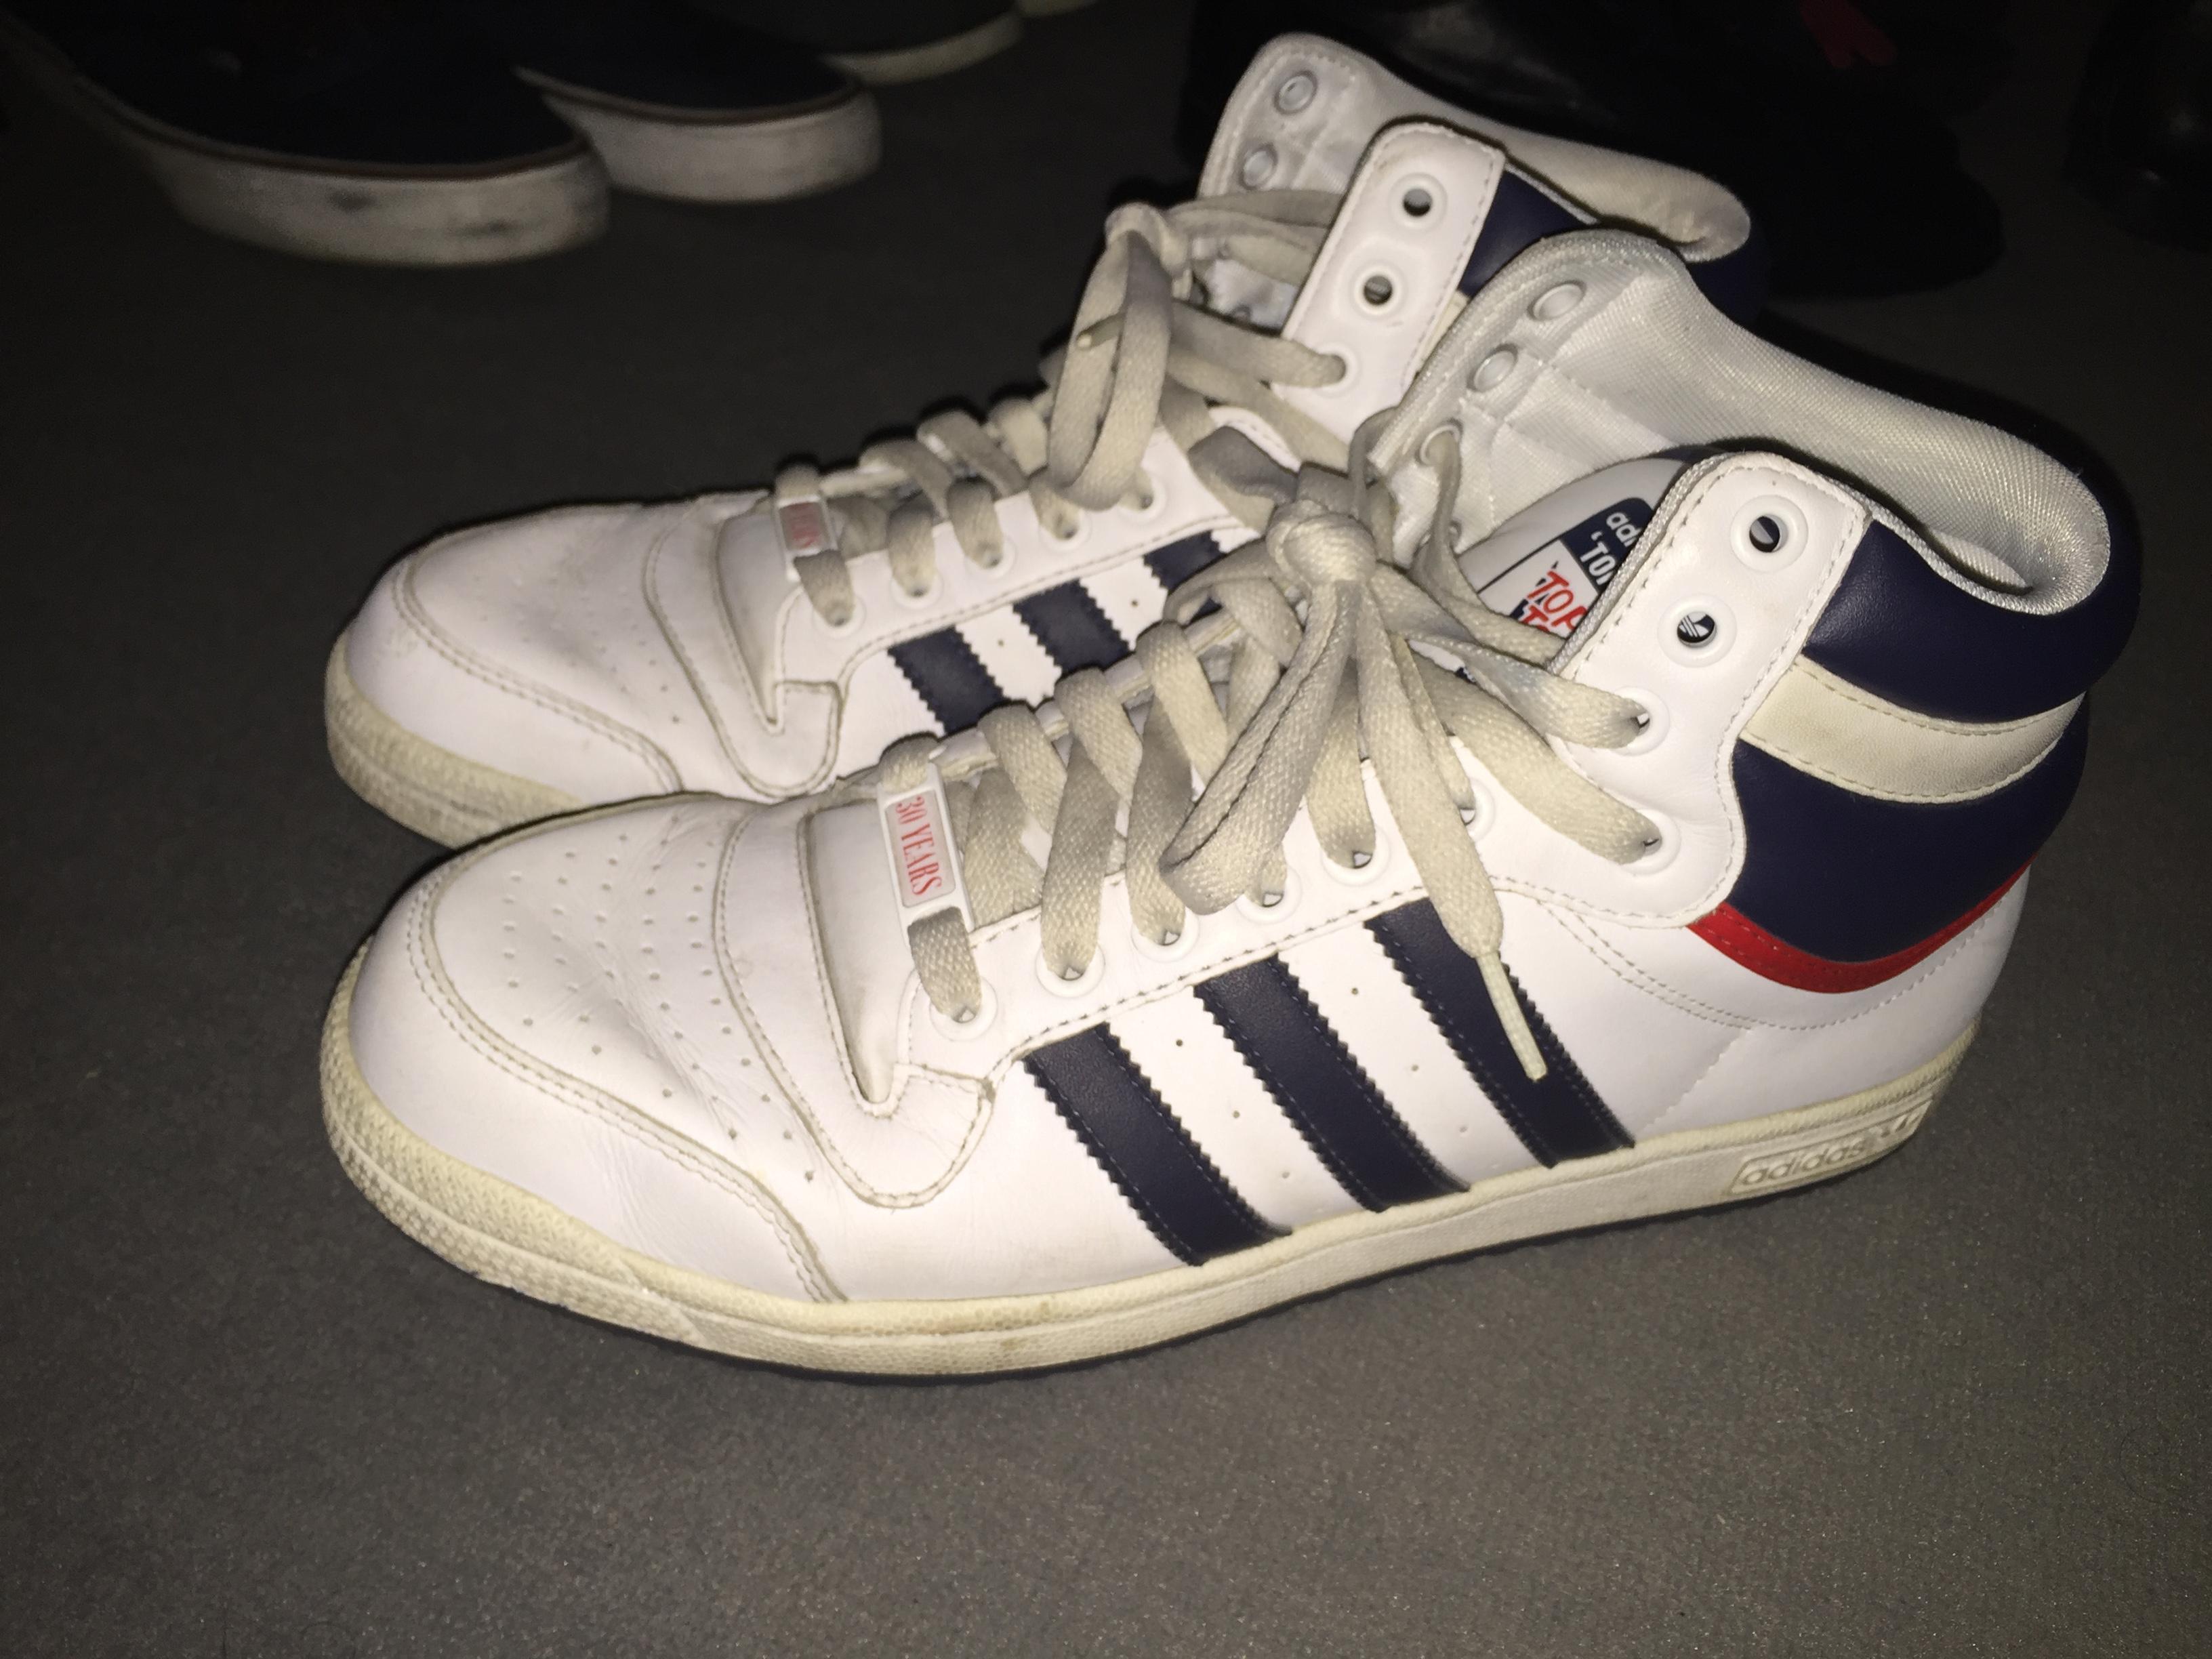 newest collection 65060 f3a0e Prix de gros basket adidas 43 France vente en ligne, toutes les gammes de  chaussures Nike pour hommes et femmes outlet pas cher.